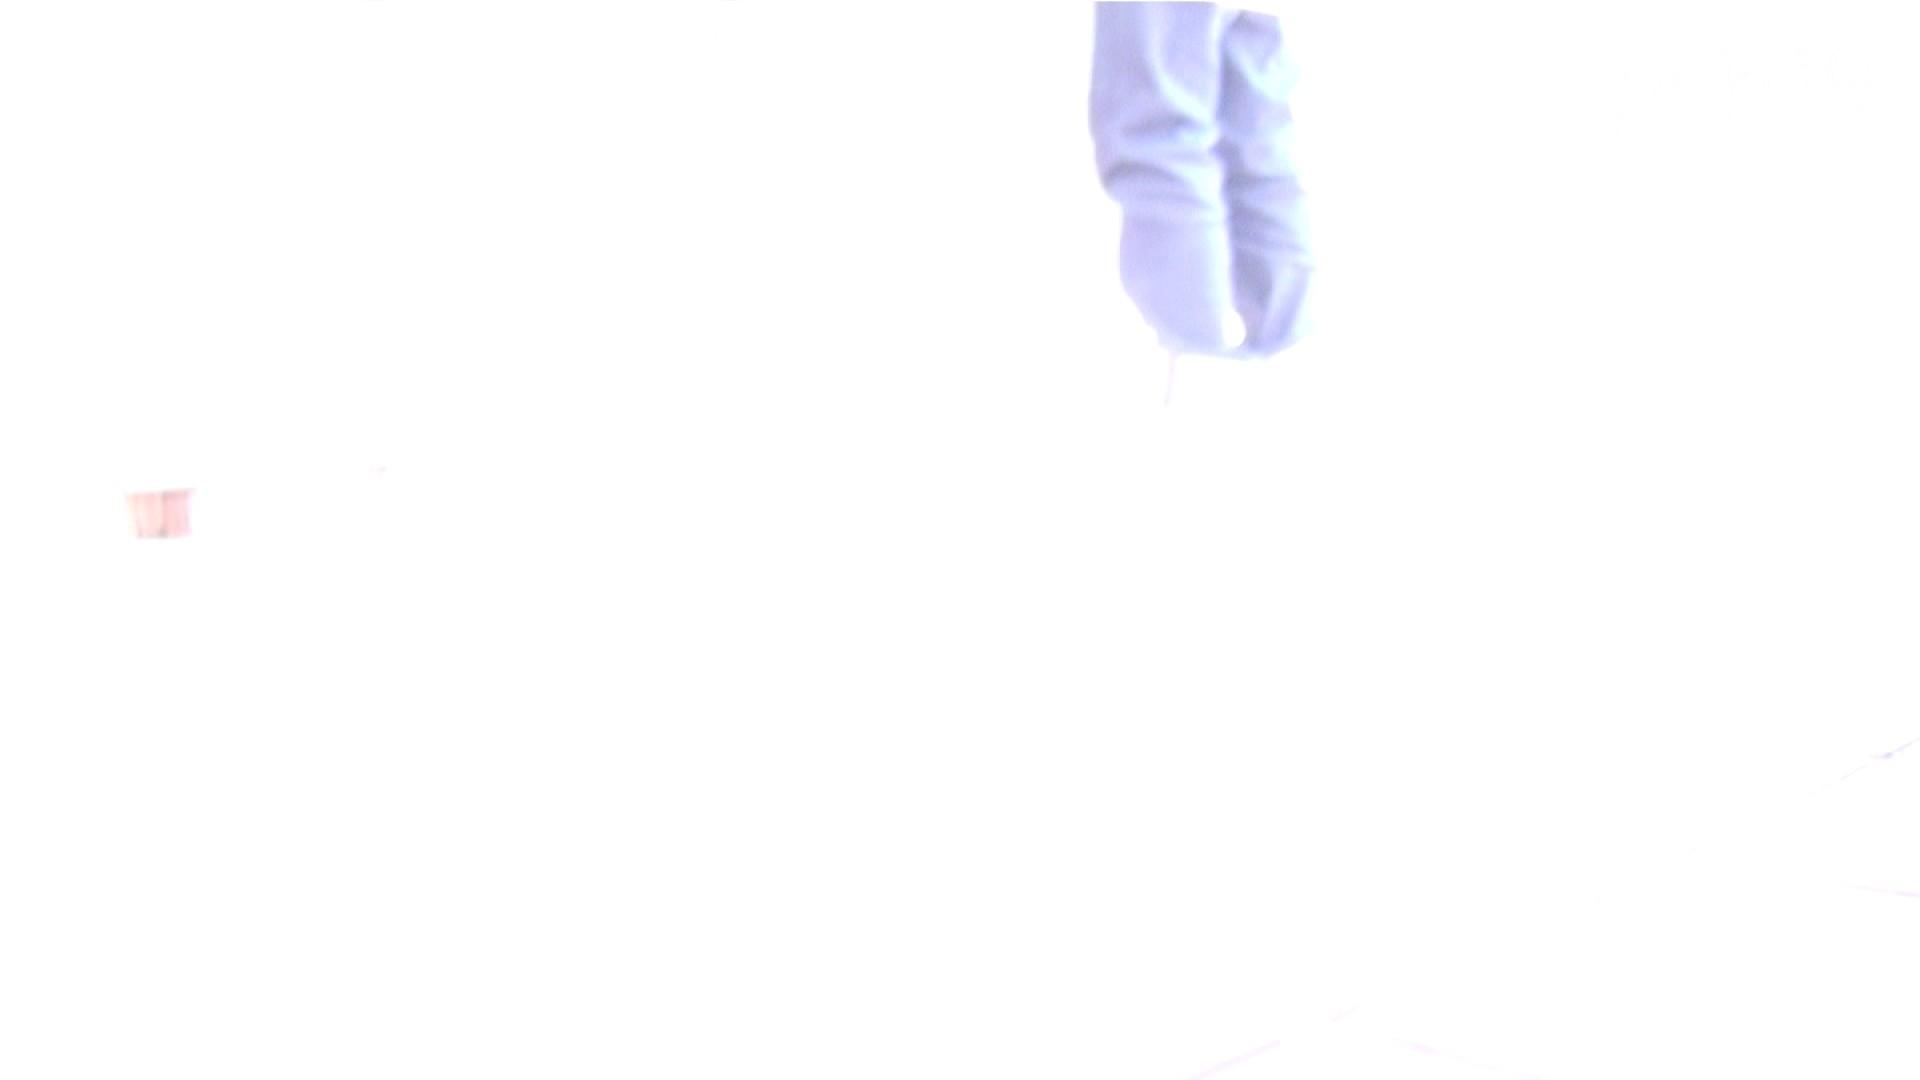 ▲復活限定▲ハイビジョン 盗神伝 Vol.19 OLのボディ  104PIX 16